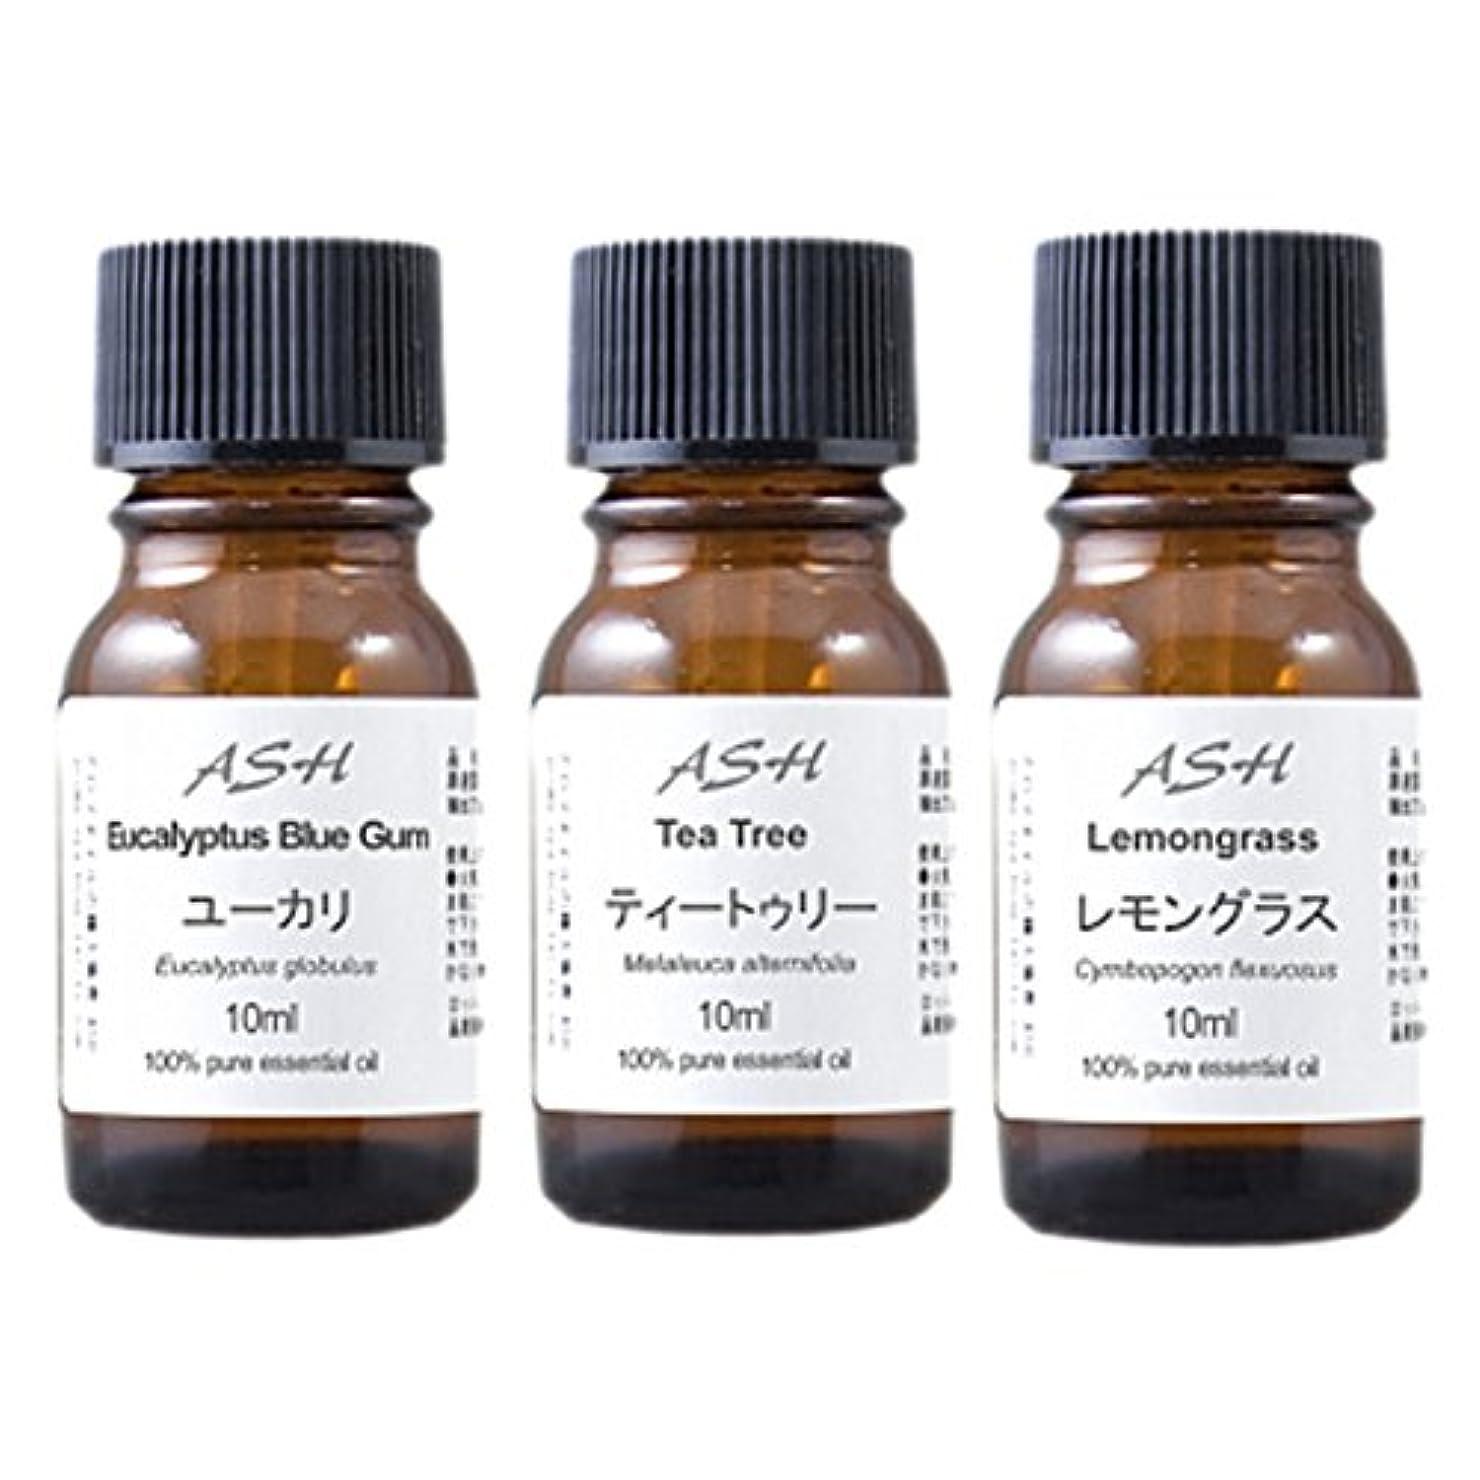 名前ポット配列ASH エッセンシャルオイル 10mlx3本セット【アロマオイル 精油】(ハウスキーピンク)ティートゥリー(ティーツリー) ユーカリ レモングラス AEAJ表示基準適合認定精油